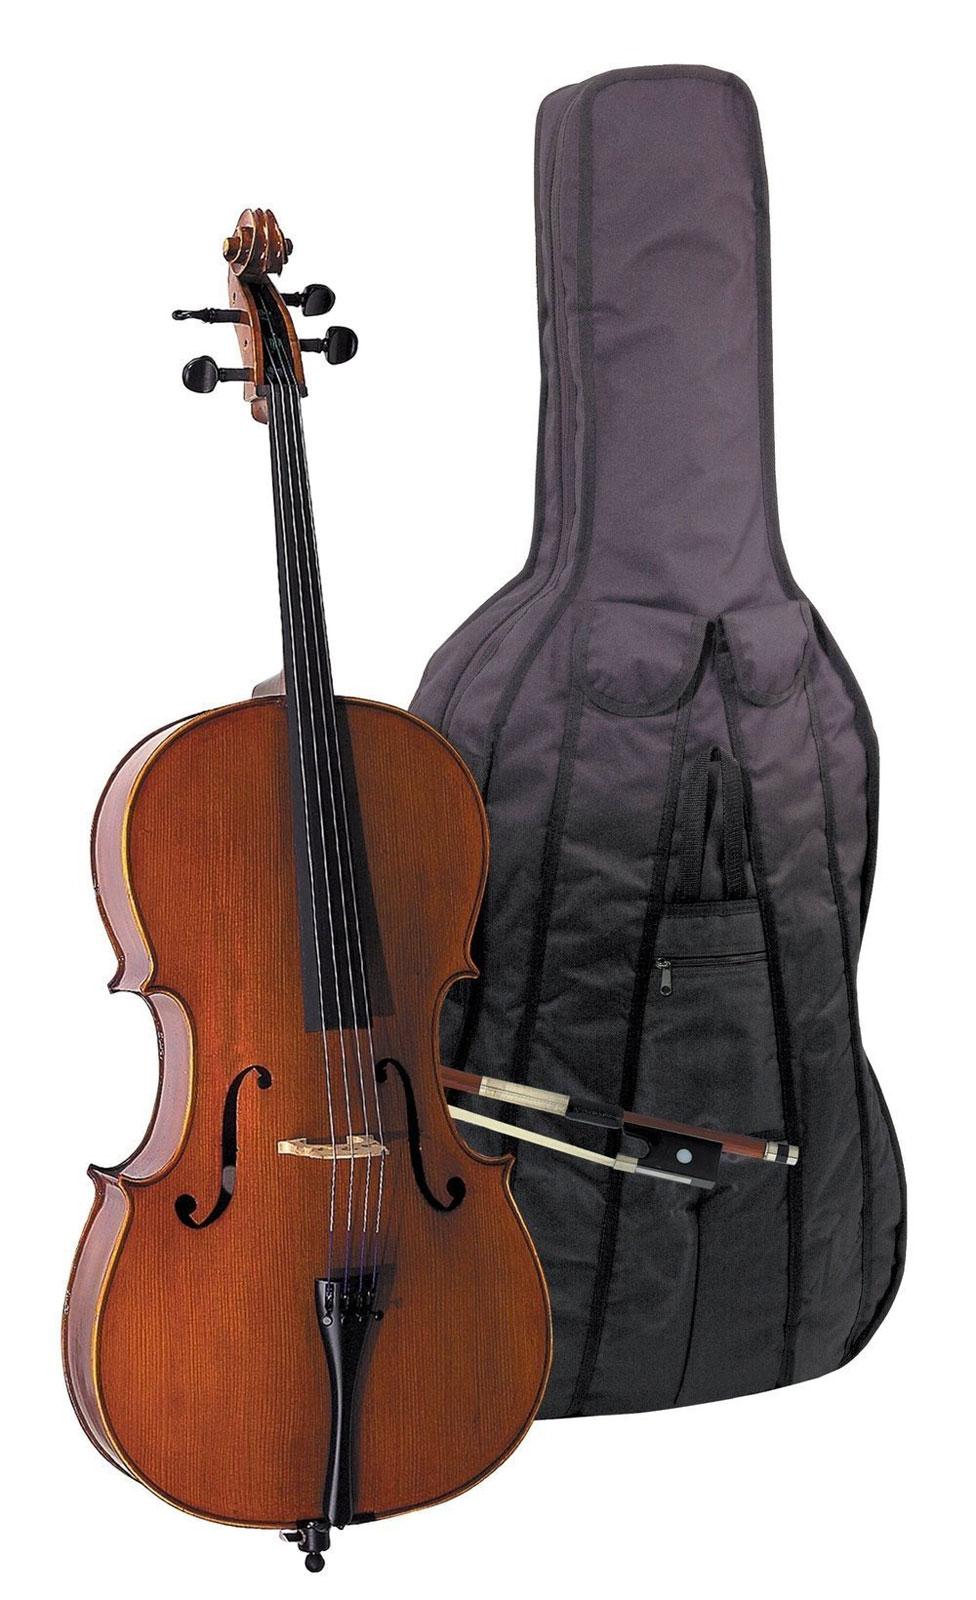 Gewa O.m. Monnich Ensembles Violoncelle Ew 1/4